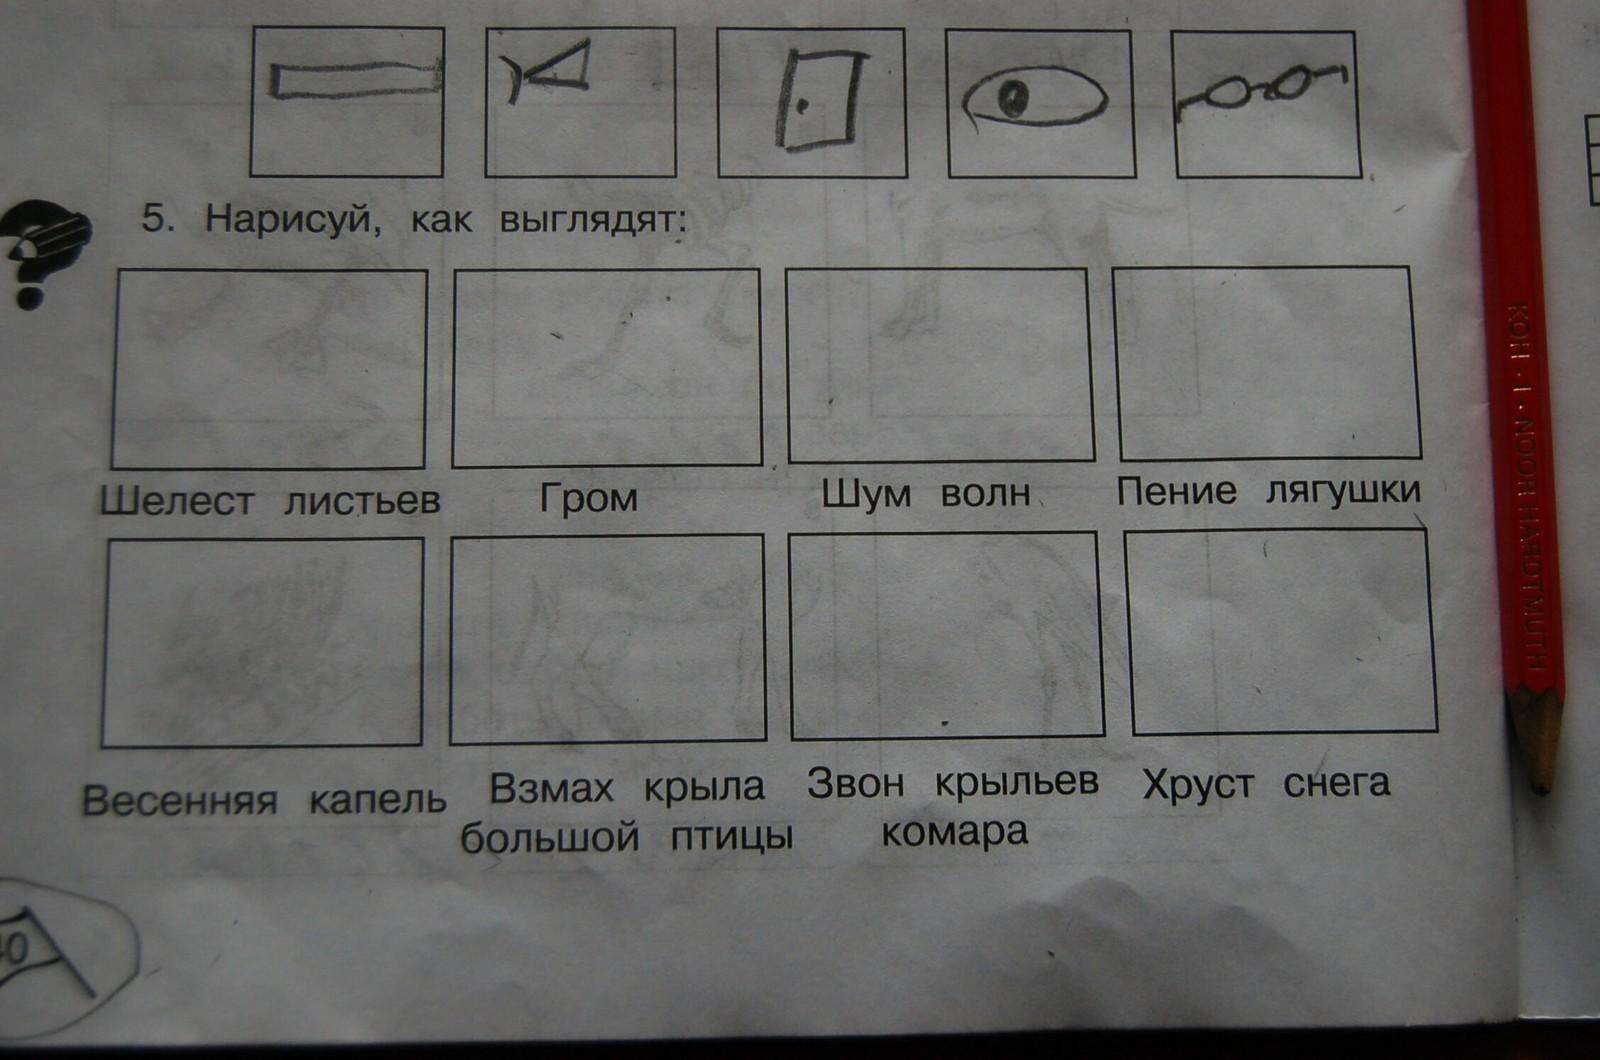 Как нарисовать шелест листьев ребенку в 1 классе